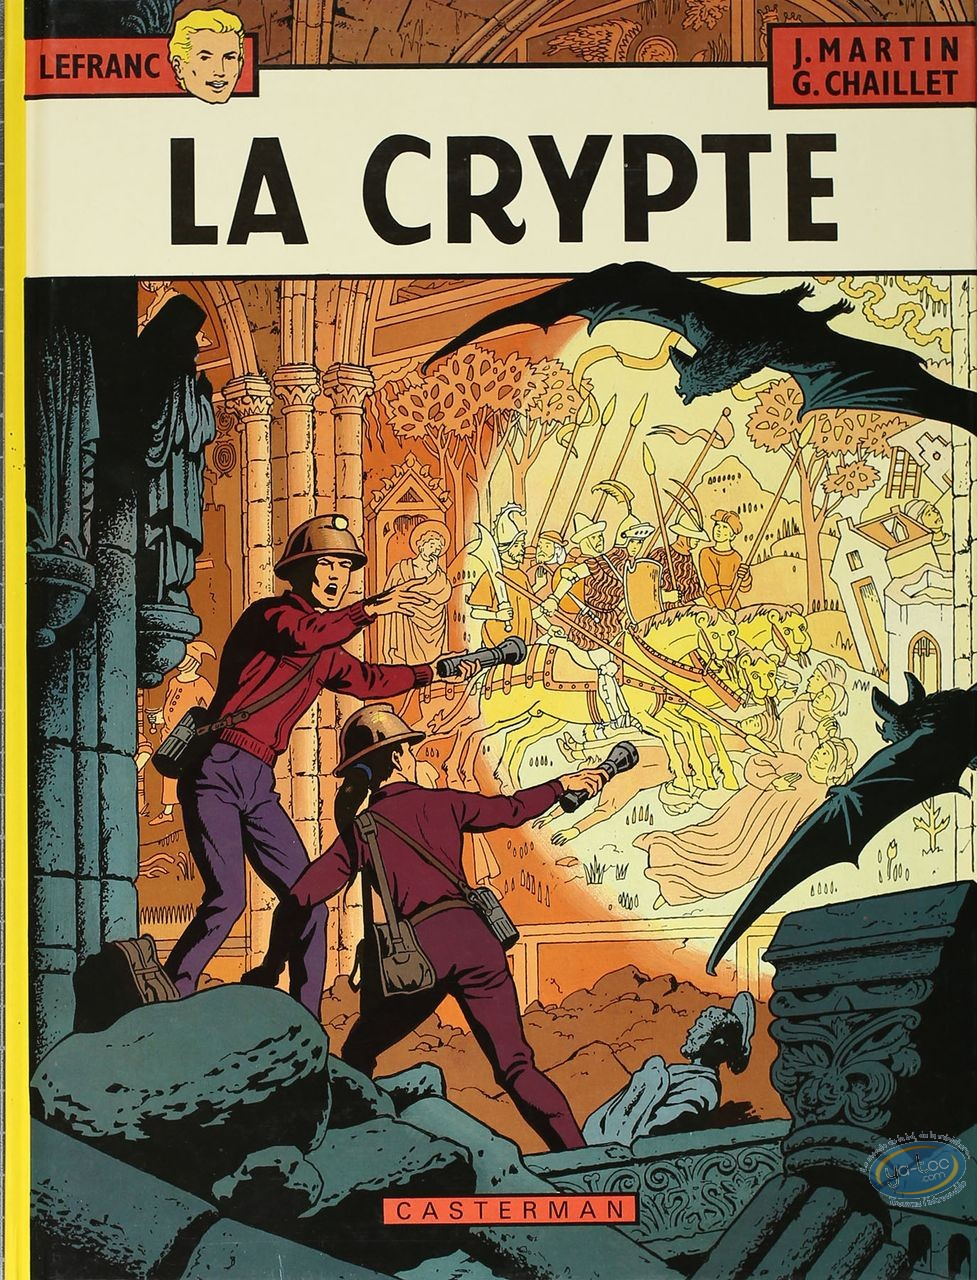 Listed European Comic Books, Lefranc : La Crypte